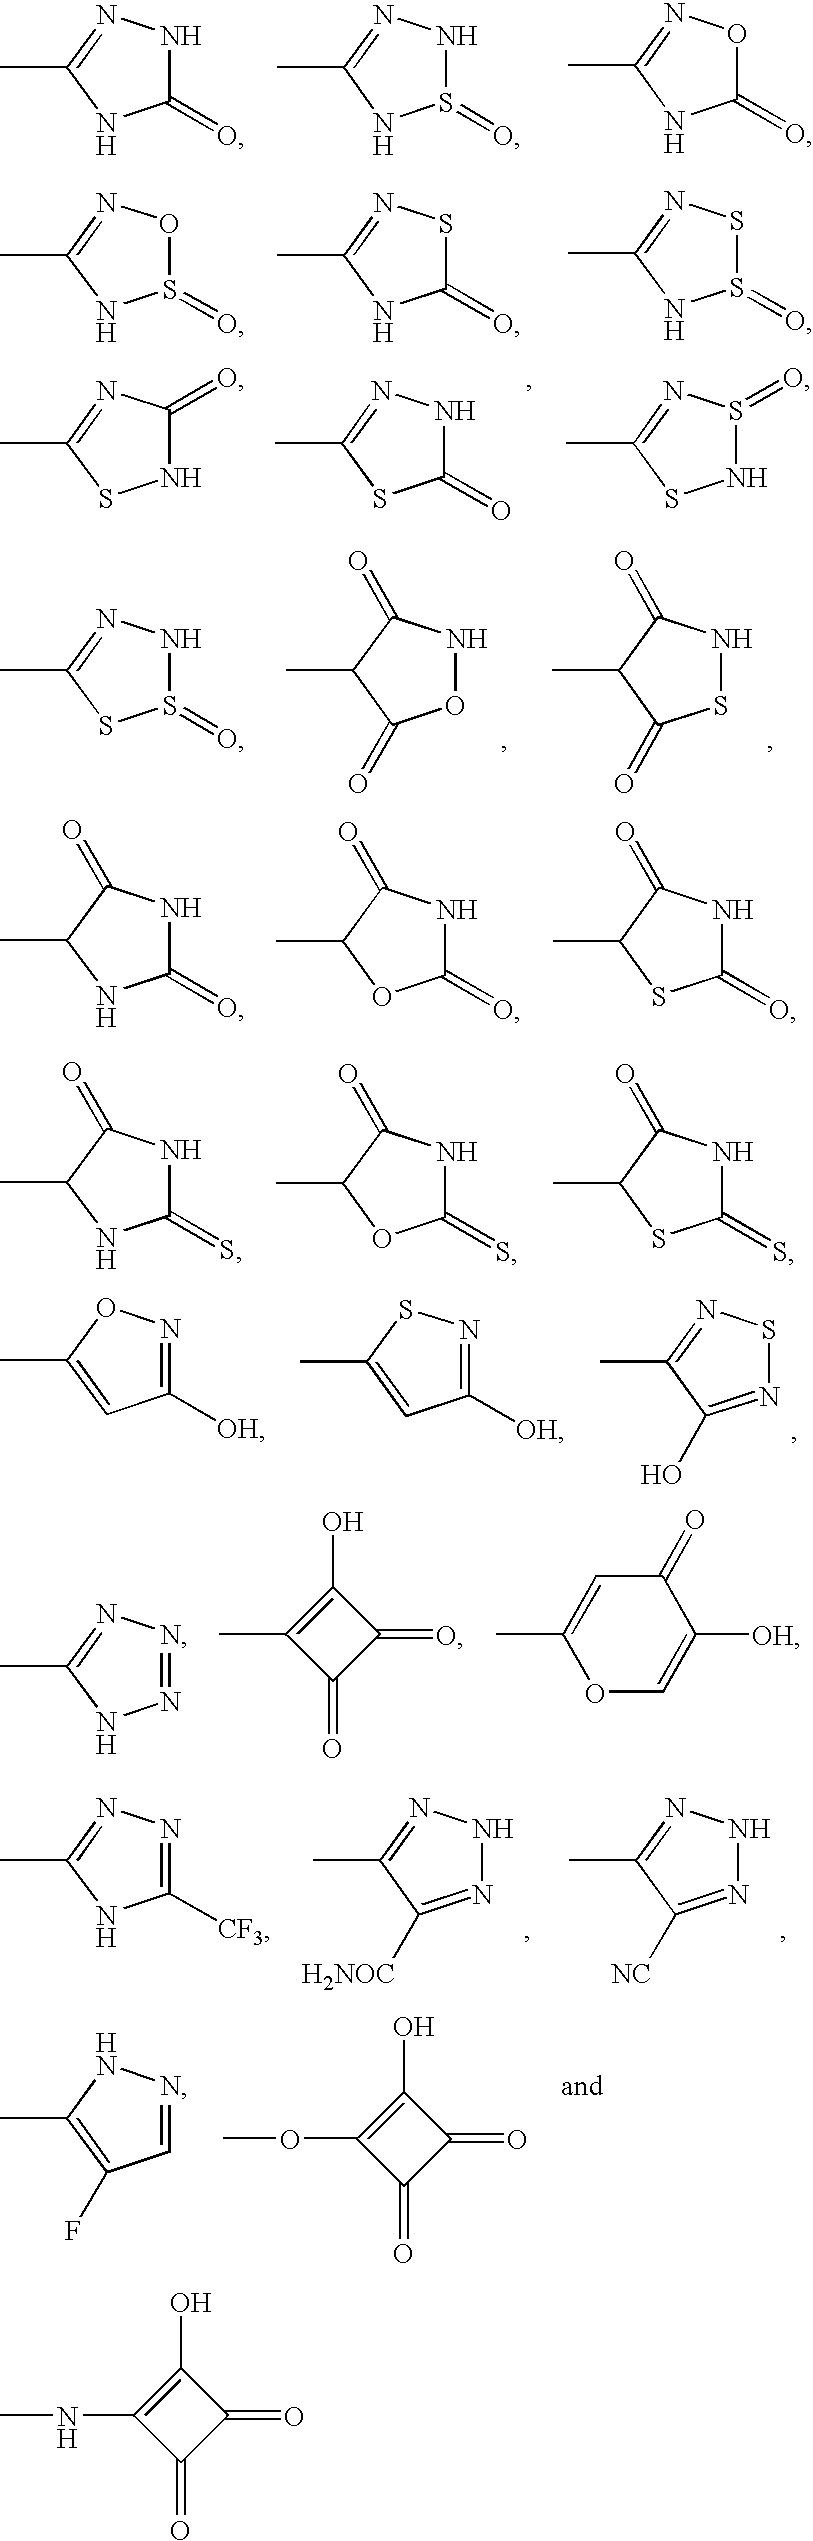 Figure US20070049593A1-20070301-C00059